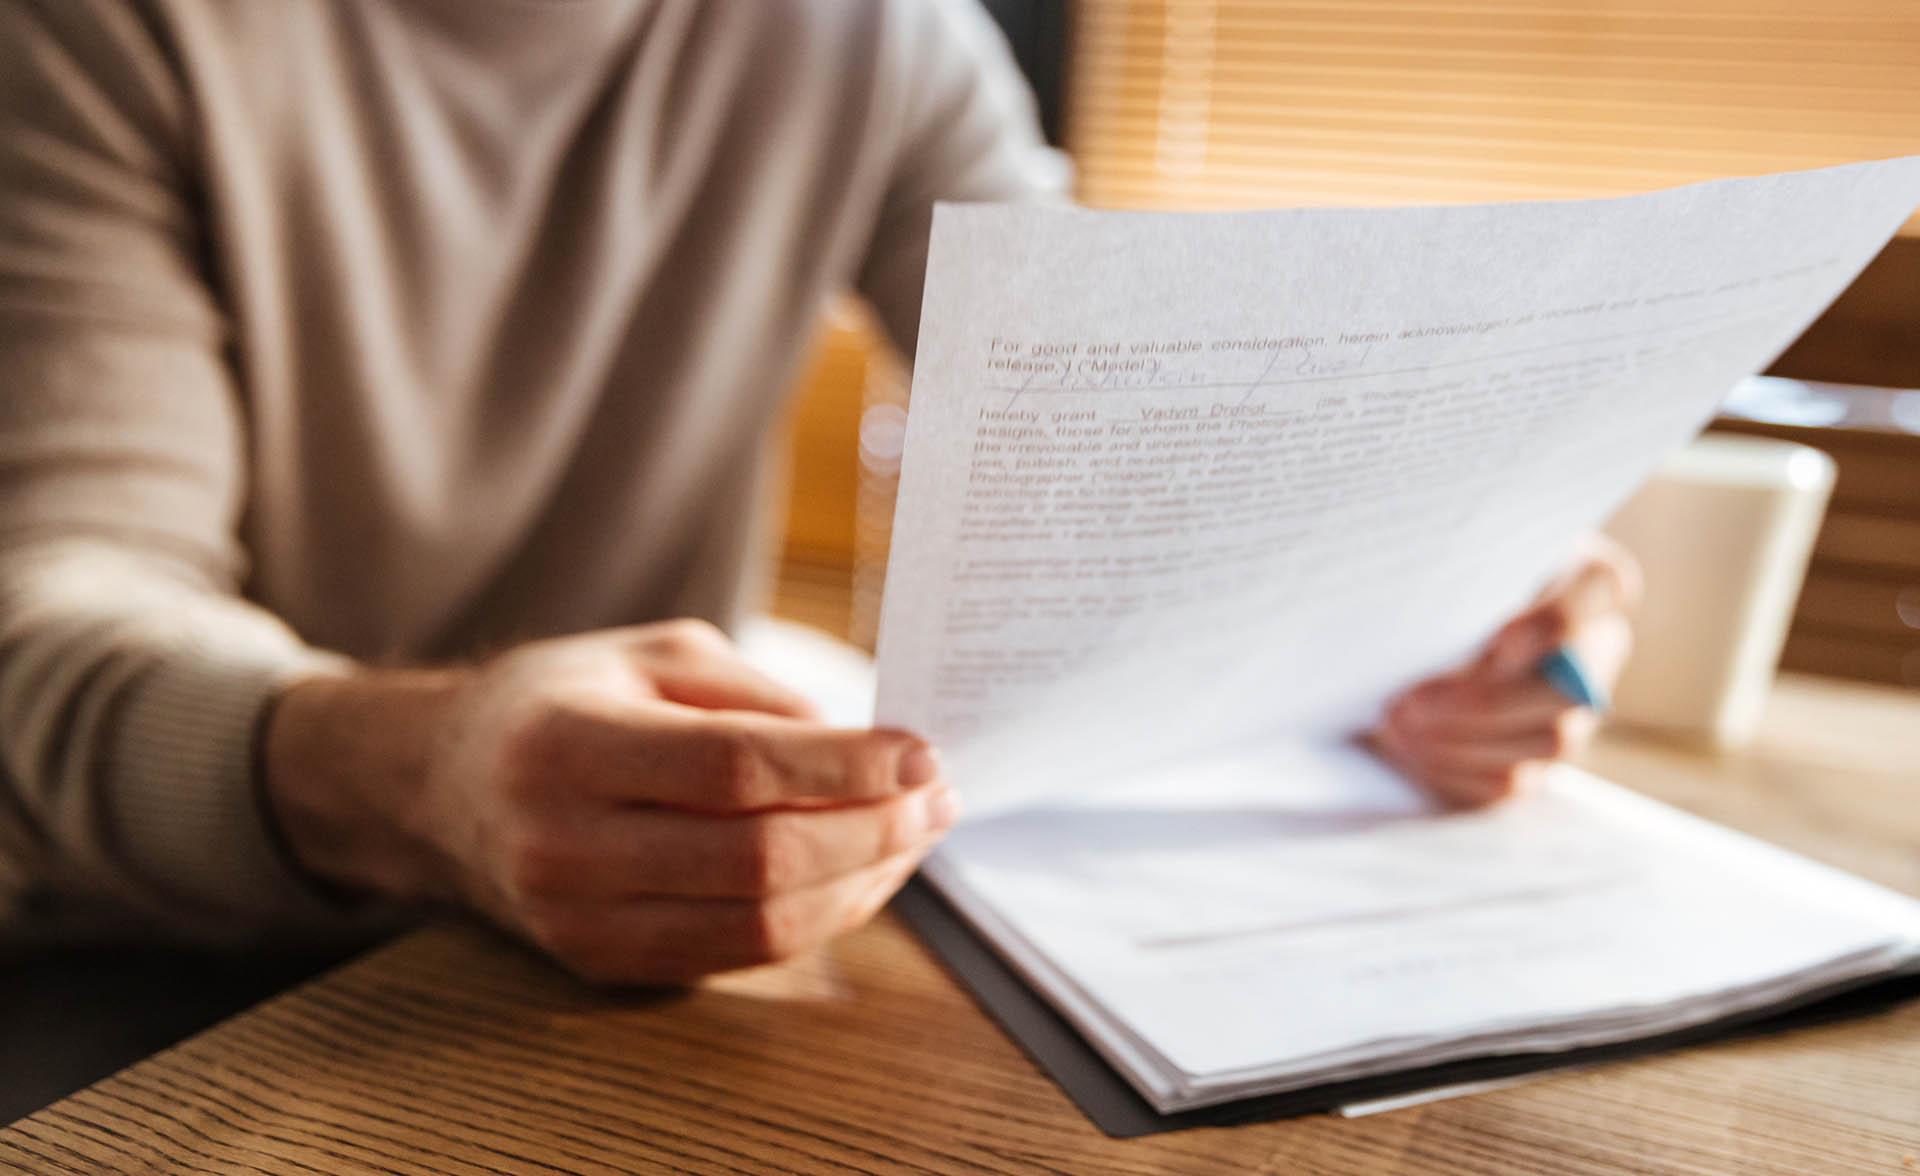 requisitos pedir pension viudedad